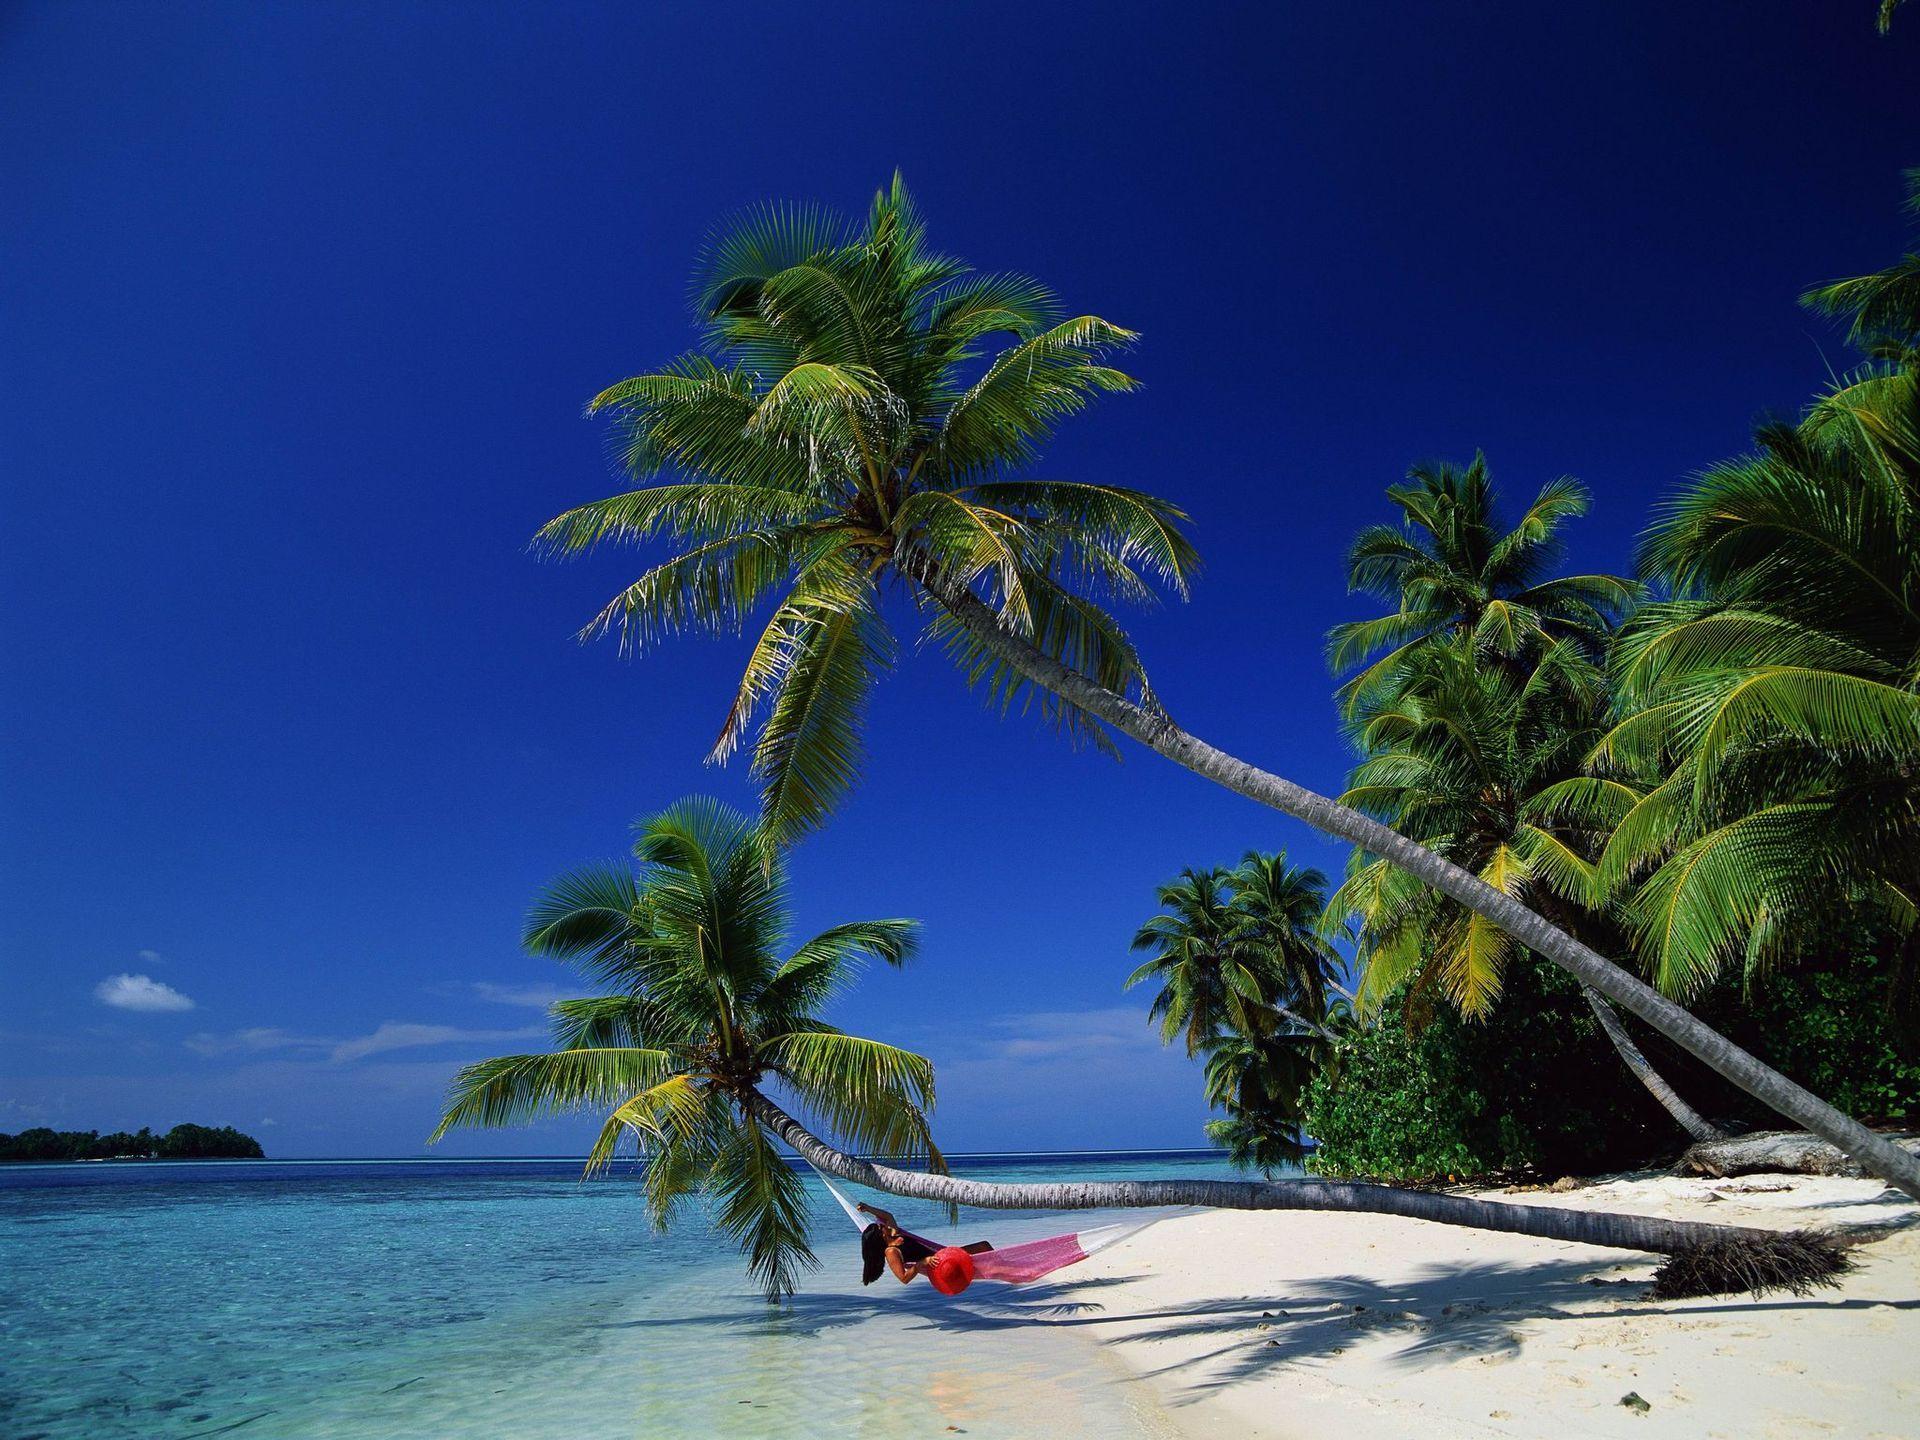 海边椰树风景桌面背景图片 桌面壁纸下载  (1280x800); 海边风景桌面